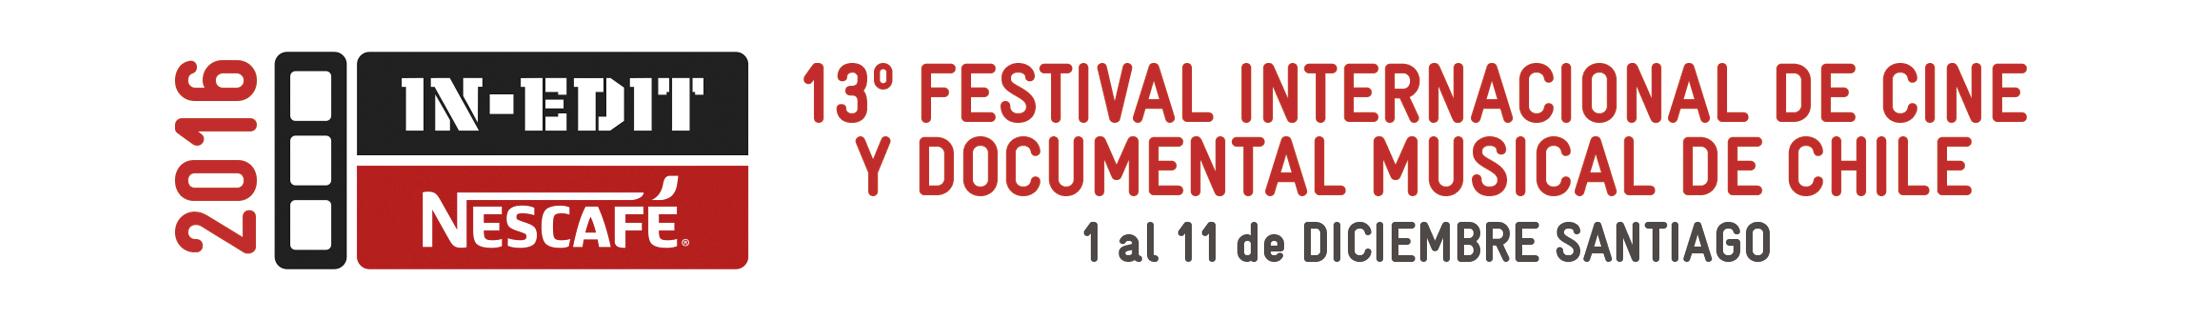 Festival In-Edit anuncia su programación completa, revisa los títulos destacados